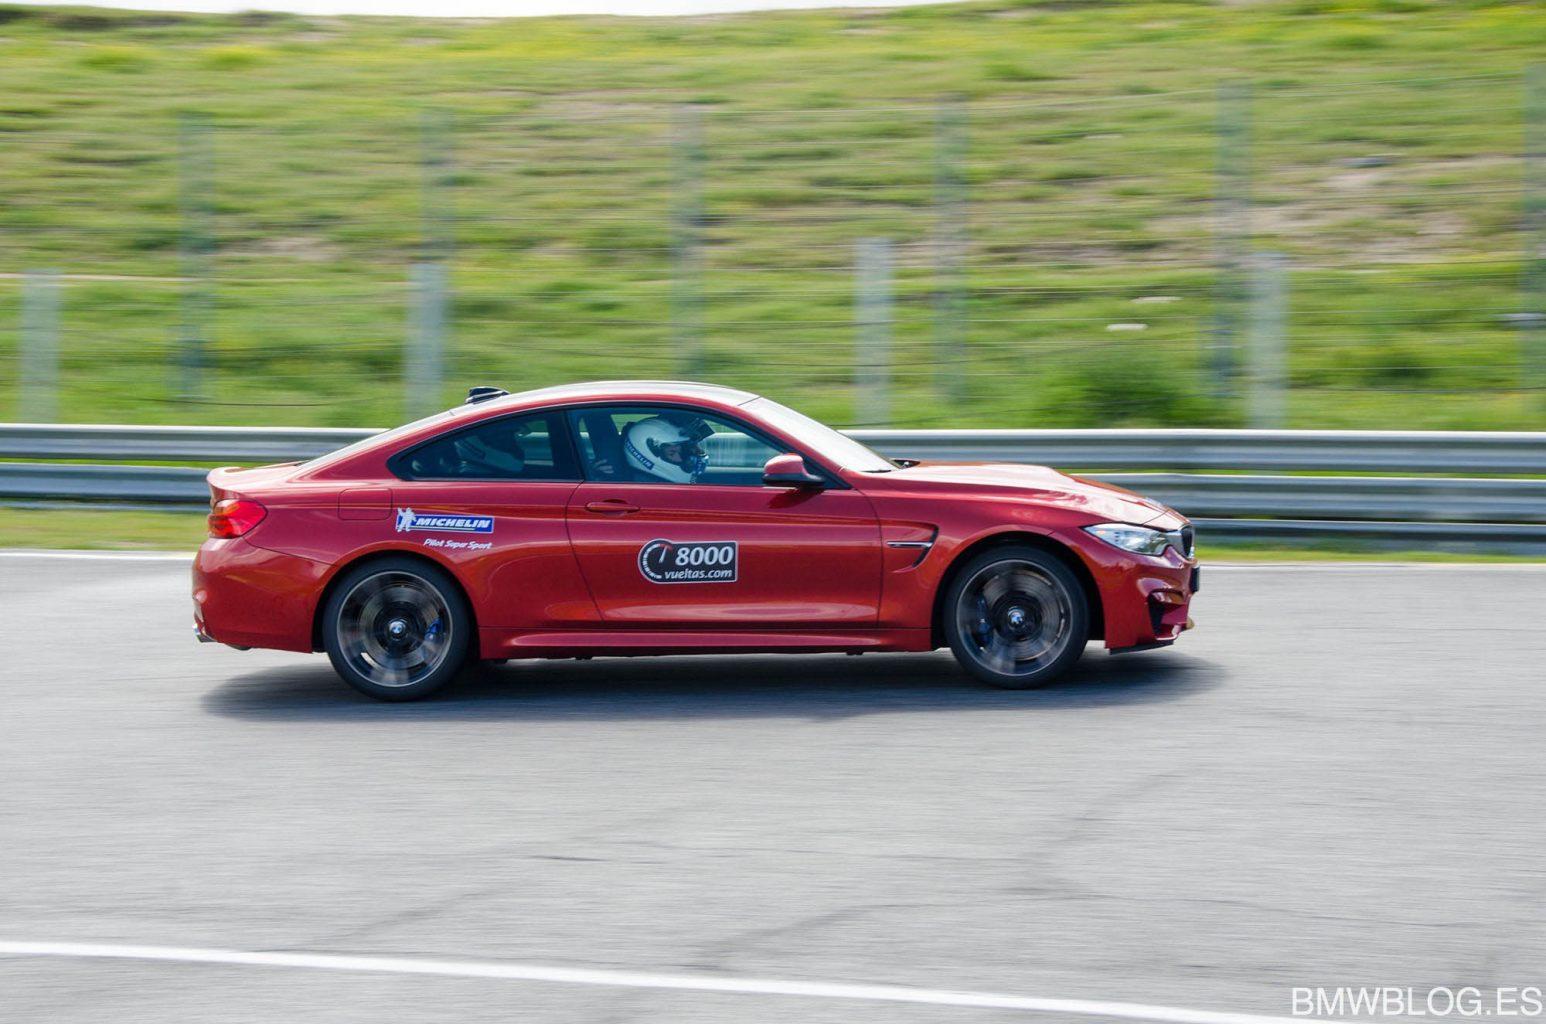 Barrido-BMW-11